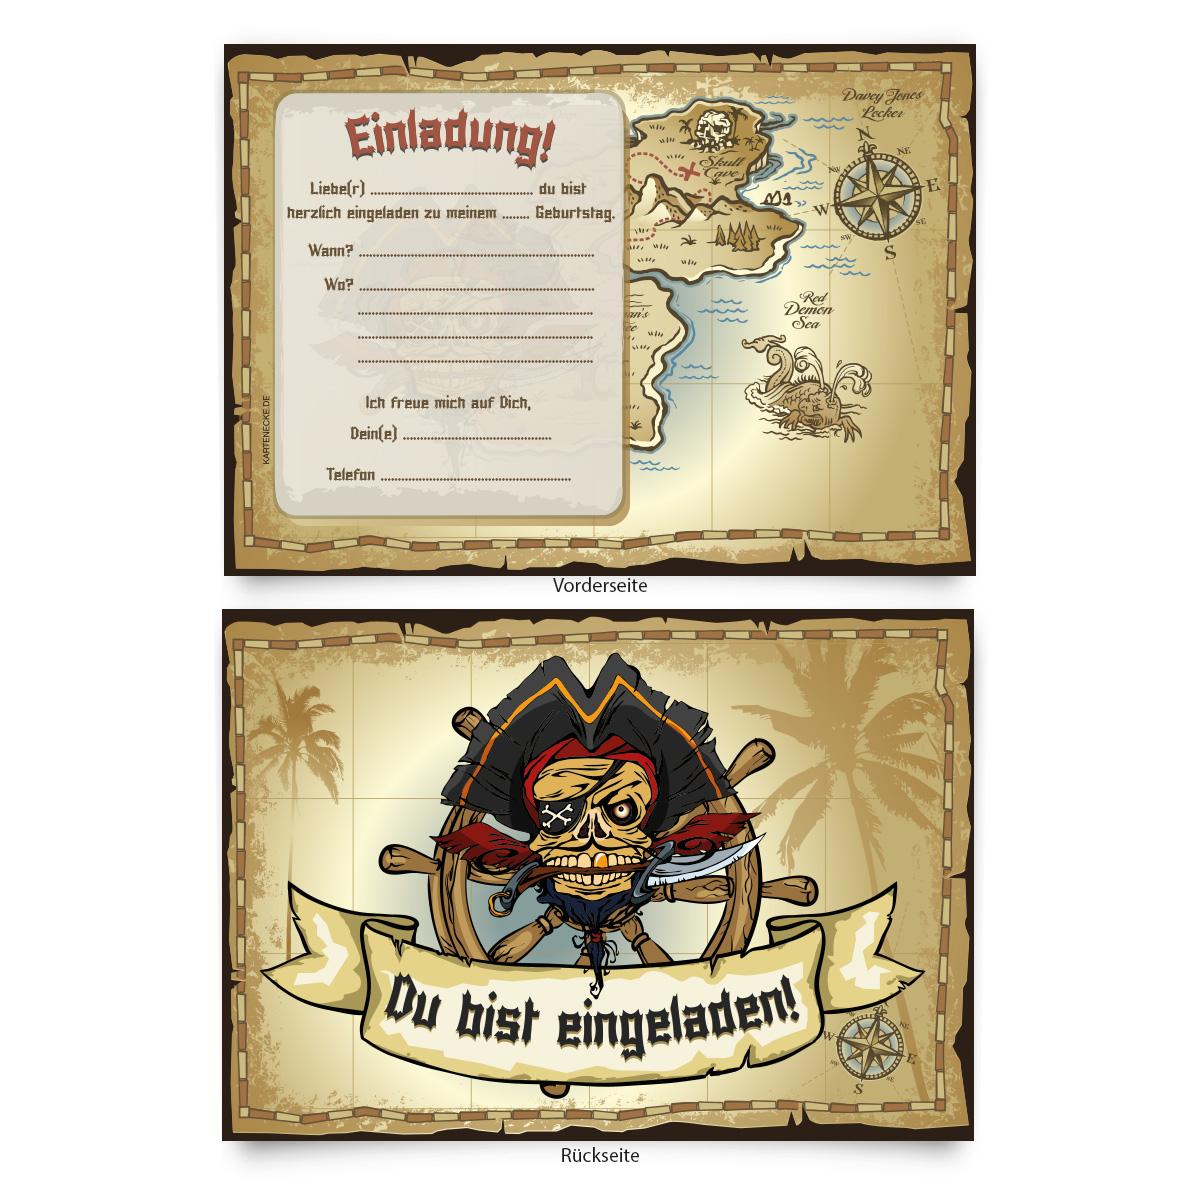 einladungskarten für besondere anlässe mit piraten-schreibwaren | ebay, Einladung